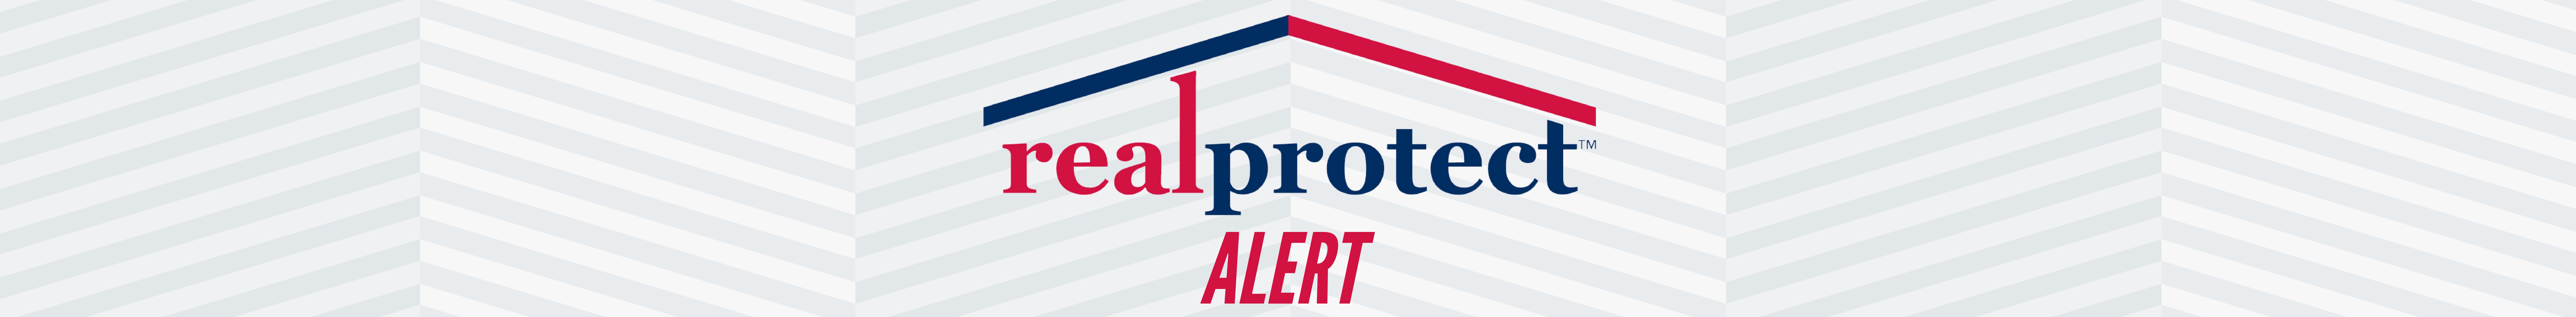 realprotect Alert Header